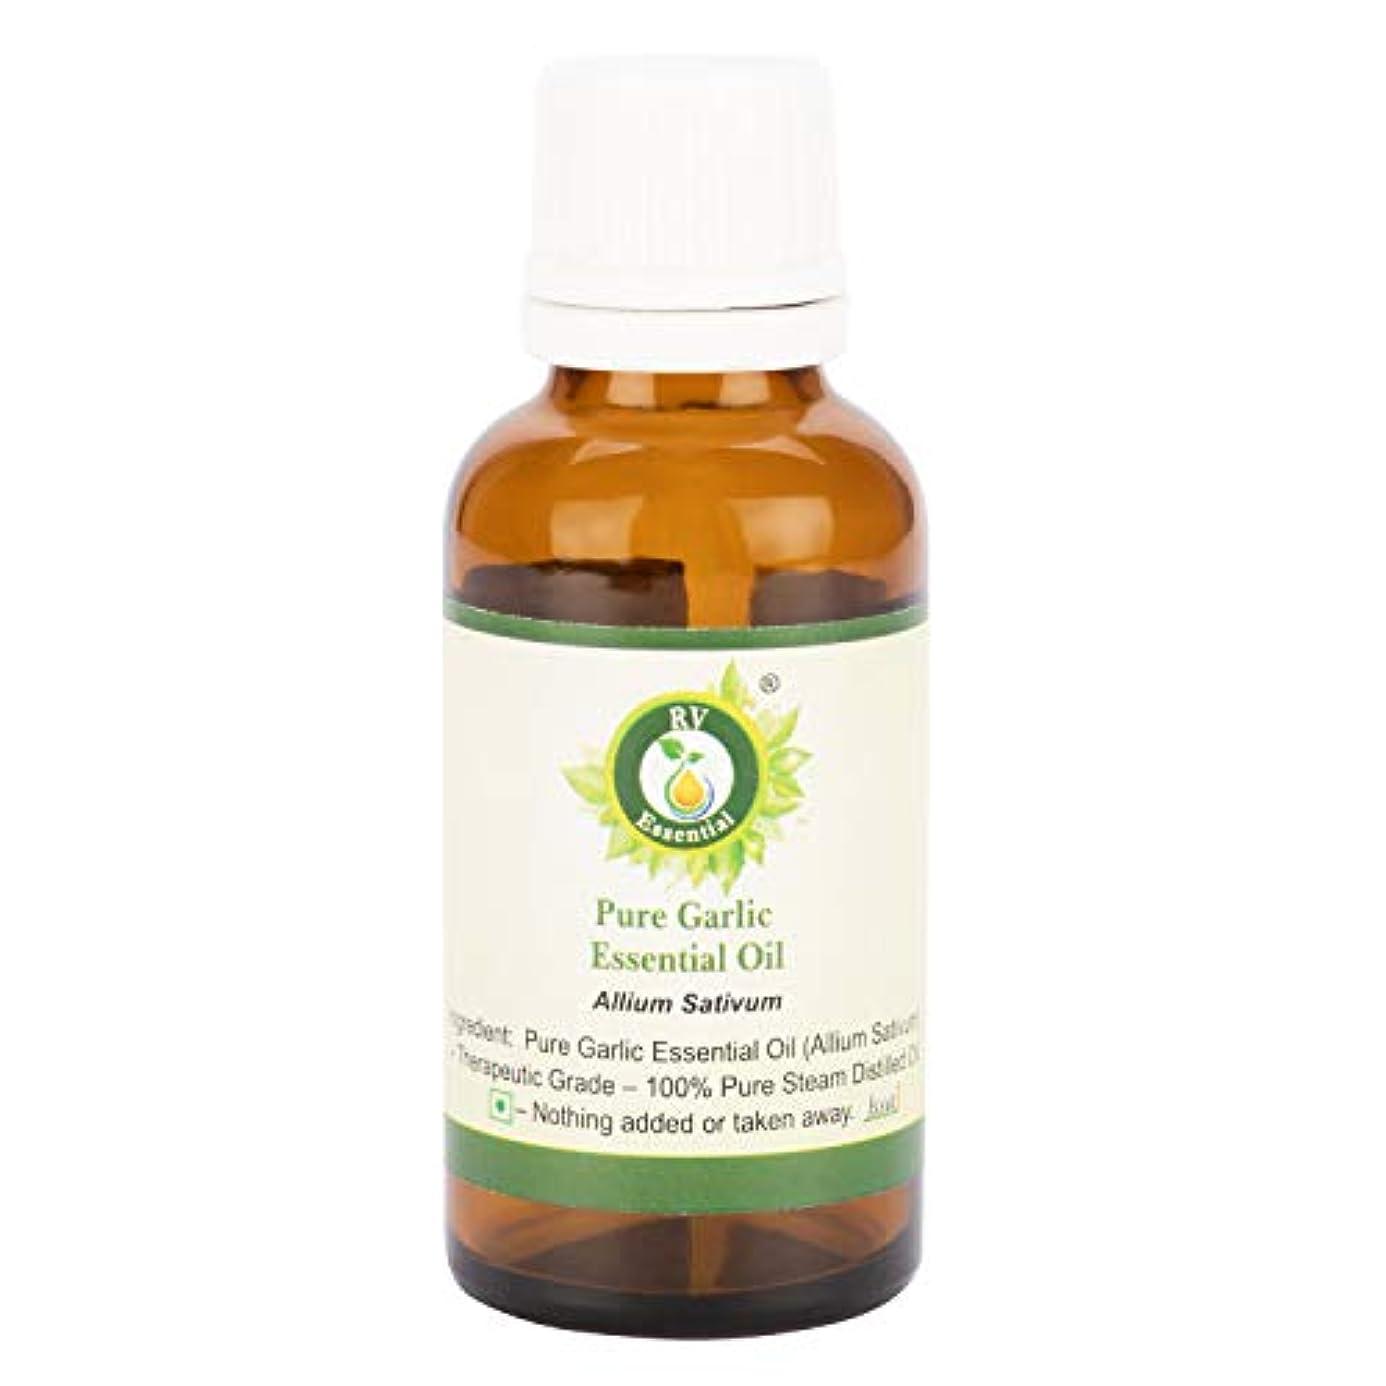 サークル彼らのピンクピュアニンニクエッセンシャルオイル100ml (3.38oz)- Allium Sativum (100%純粋&天然スチームDistilled) Pure Garlic Essential Oil